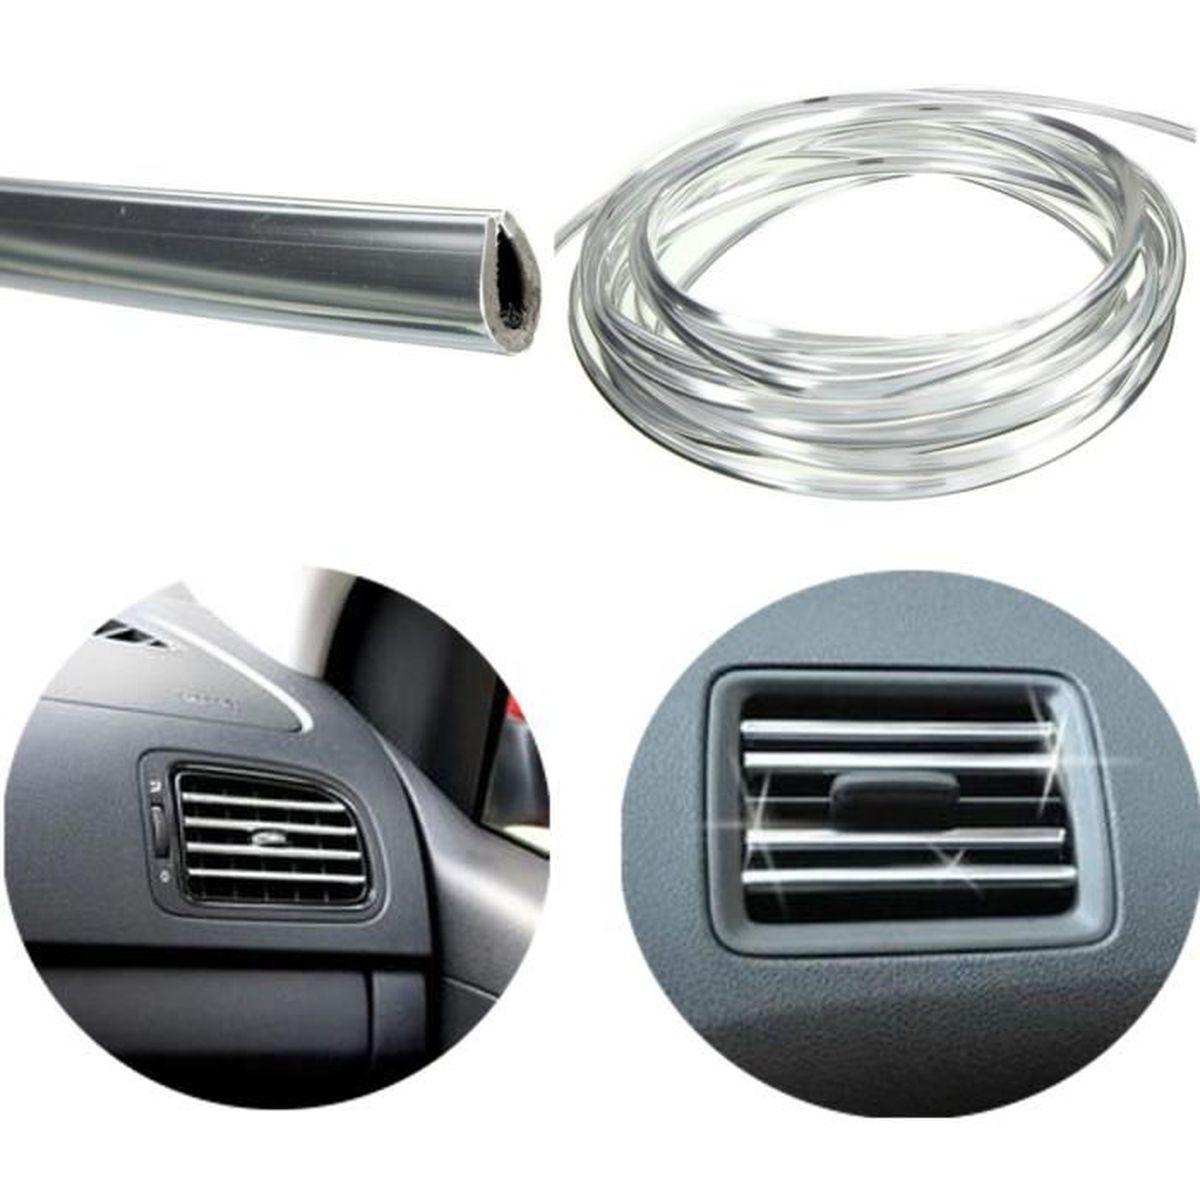 Decoration voiture bande chrome - Achat / Vente pas cher